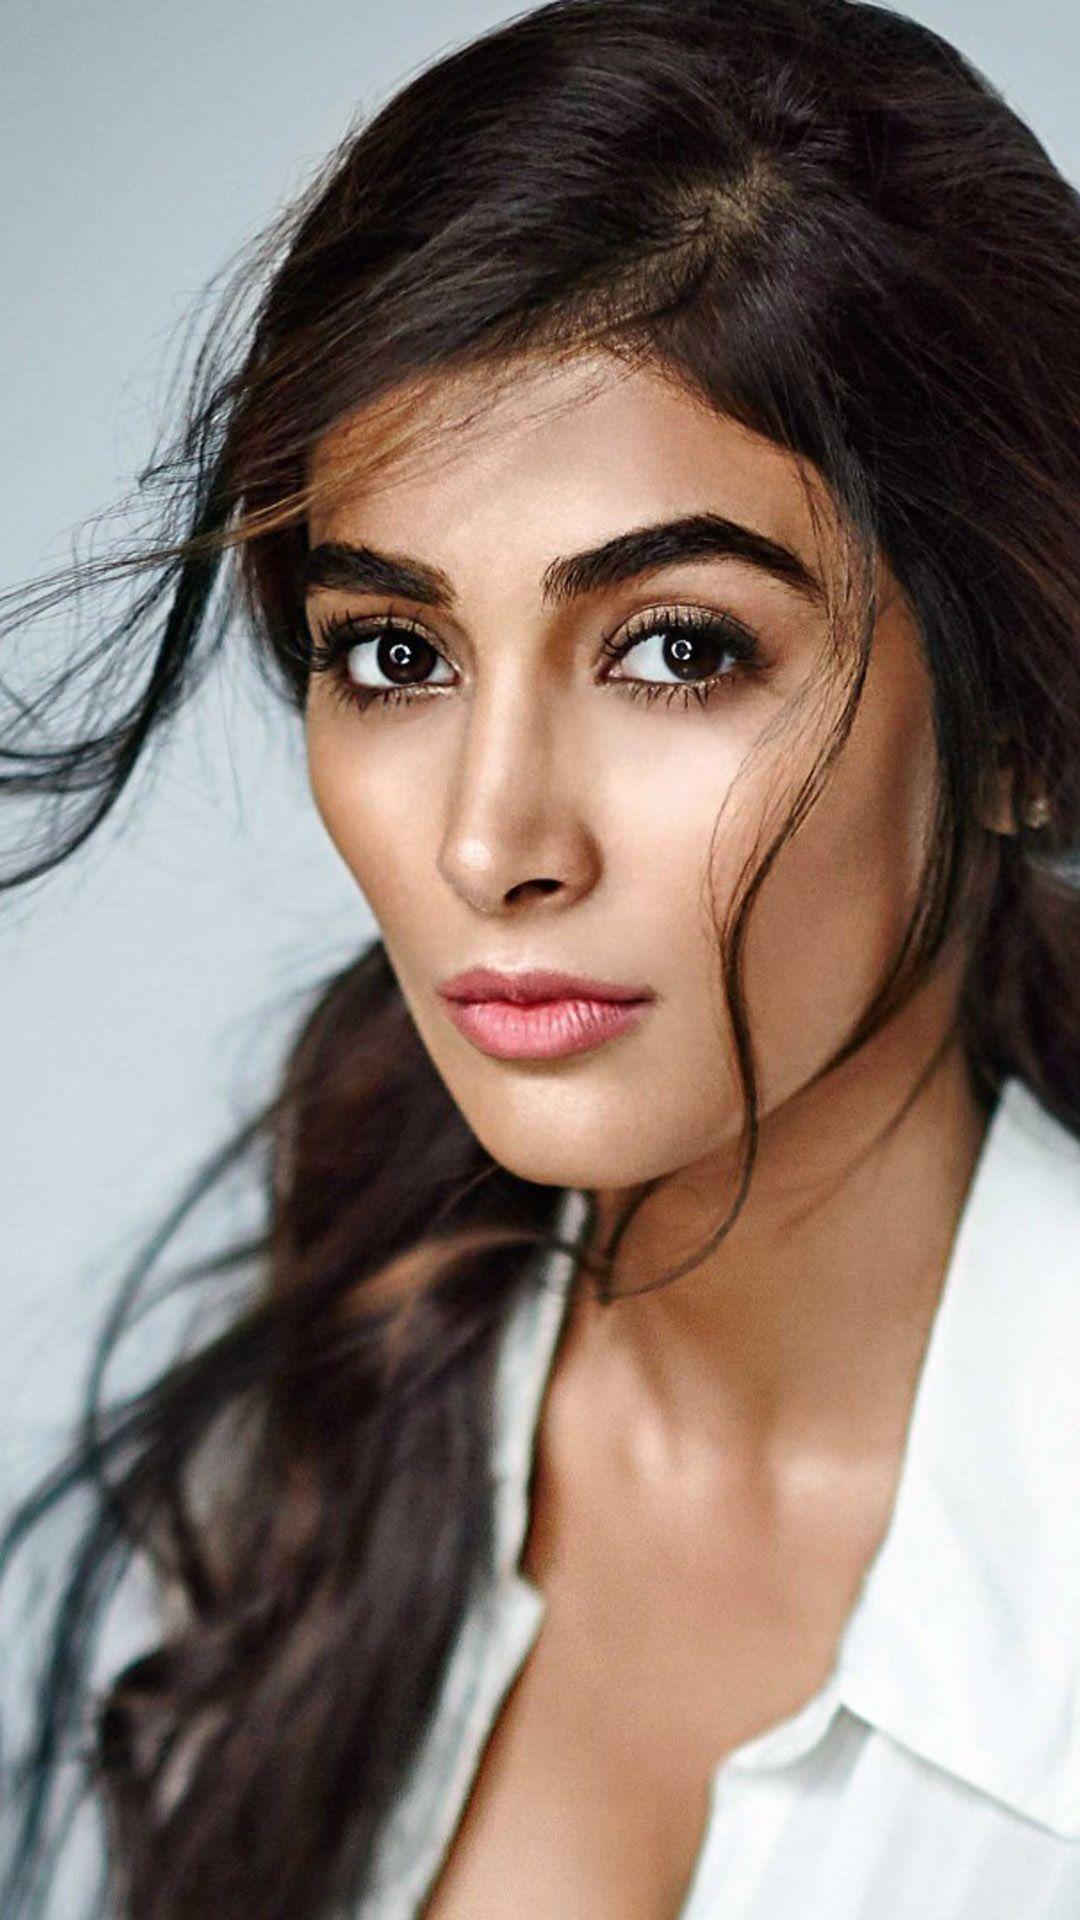 Pooja Hegde Maxim Photoshoot 4k Ultra Hd Mobile Wallpaper Actress Wallpaper Actresses Bollywood Actress